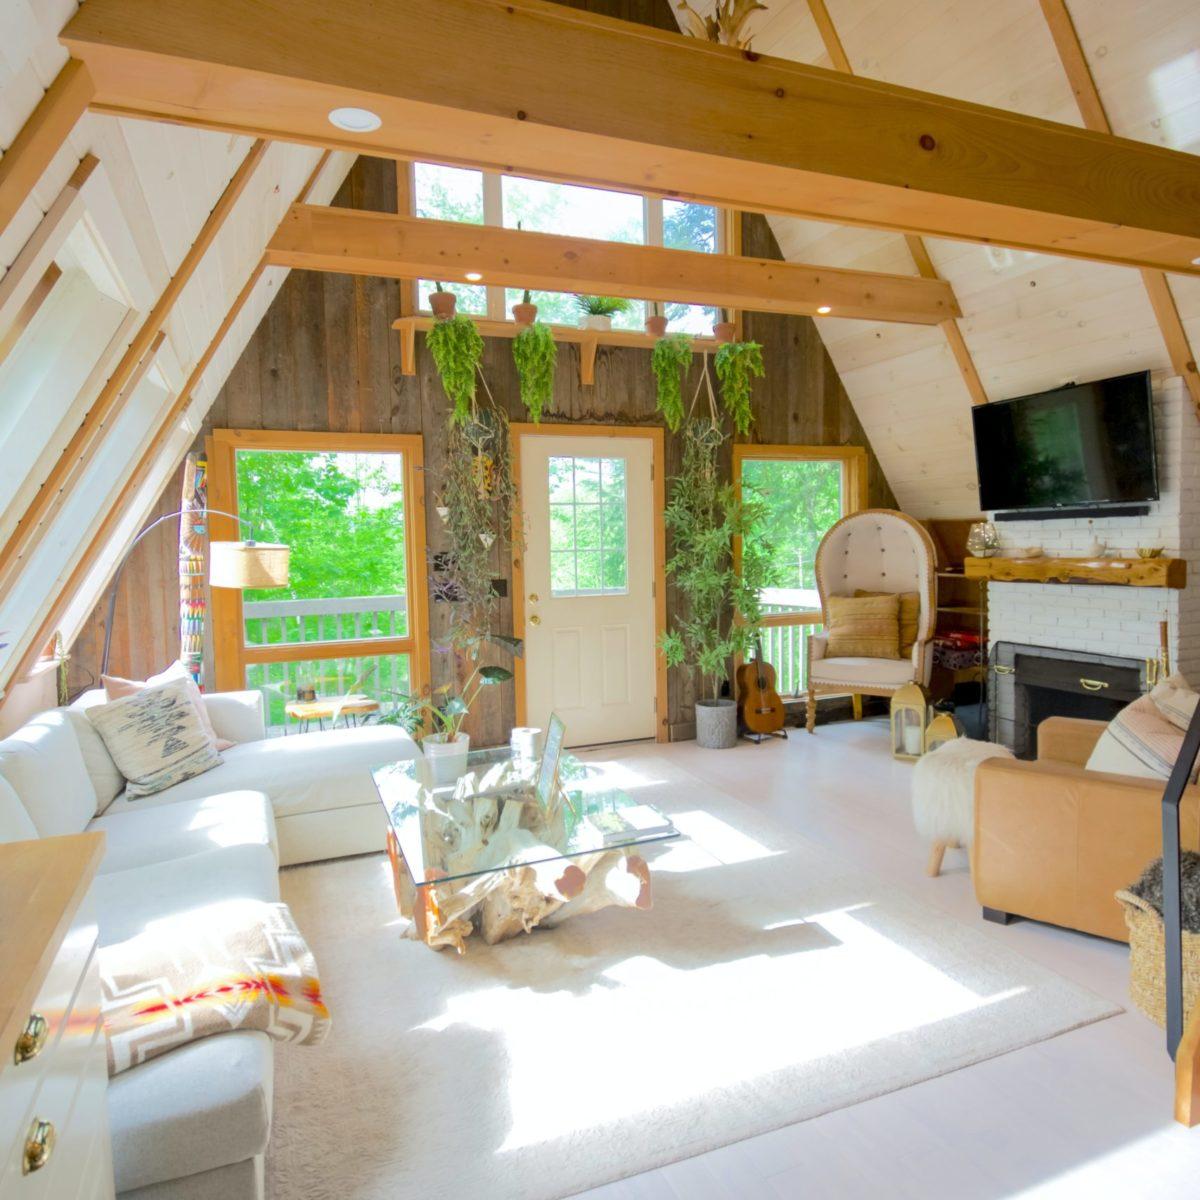 comydo_tourism_airbnb